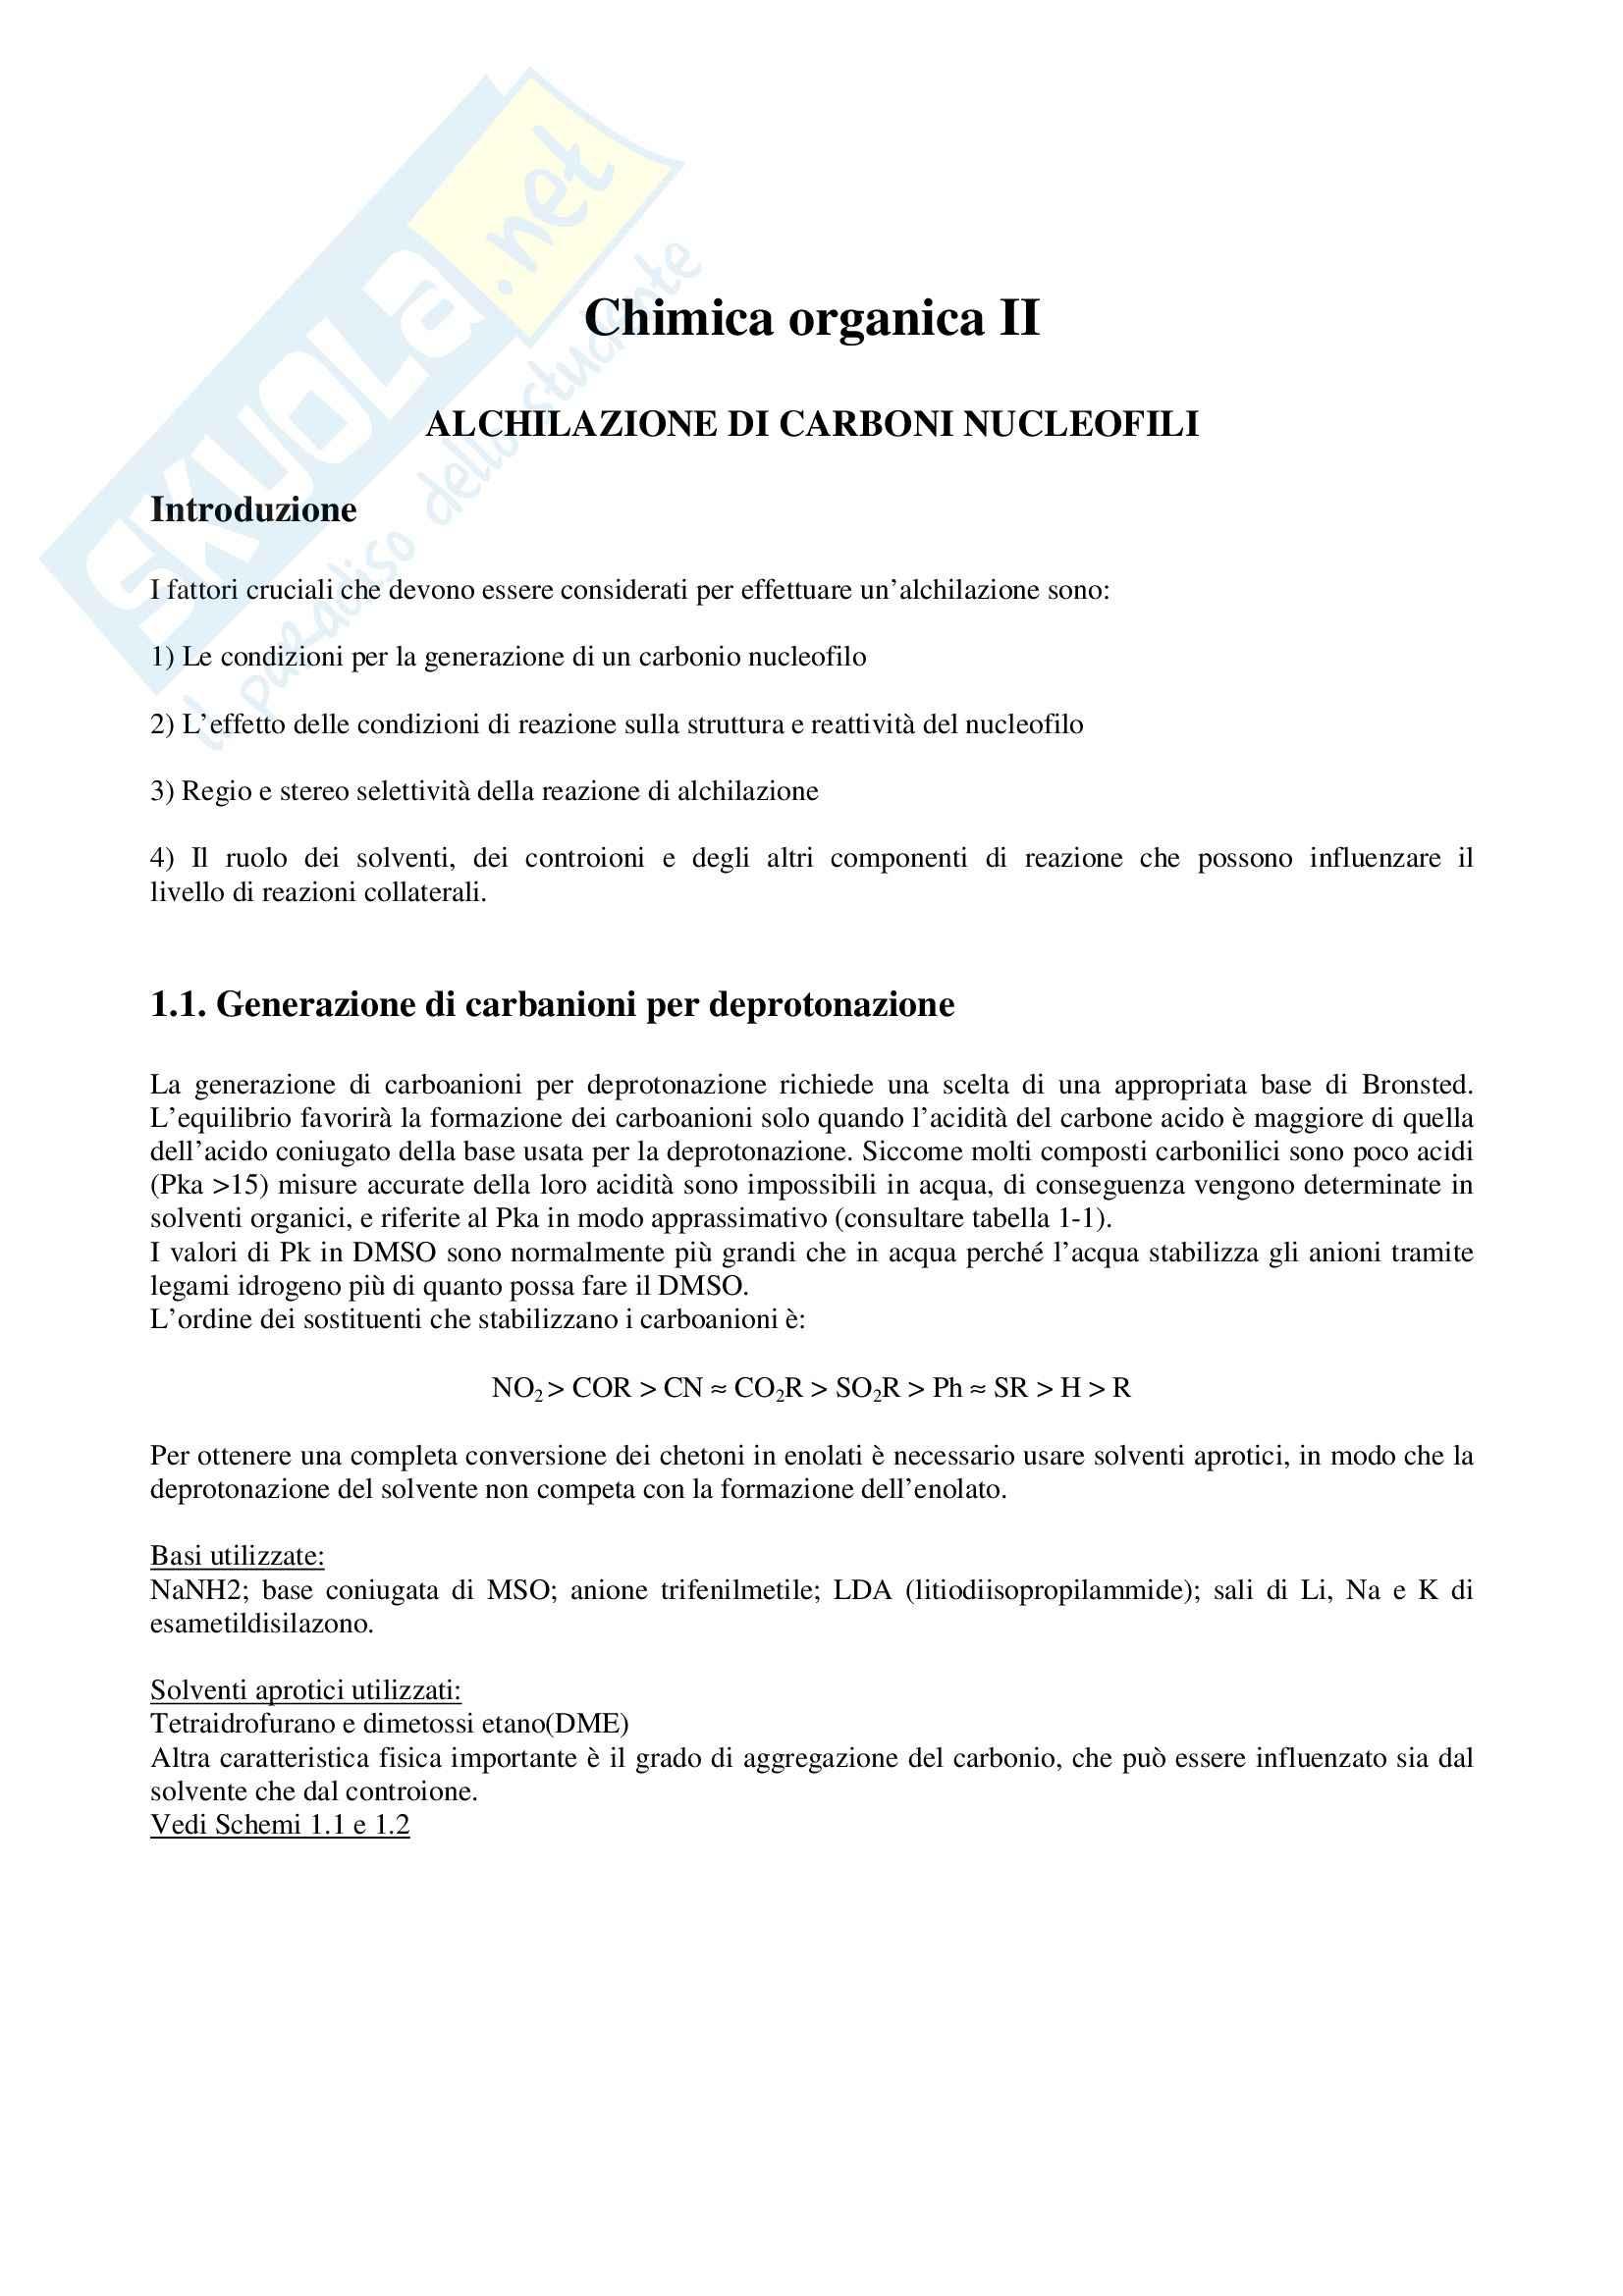 Chimica organica II - Appunti